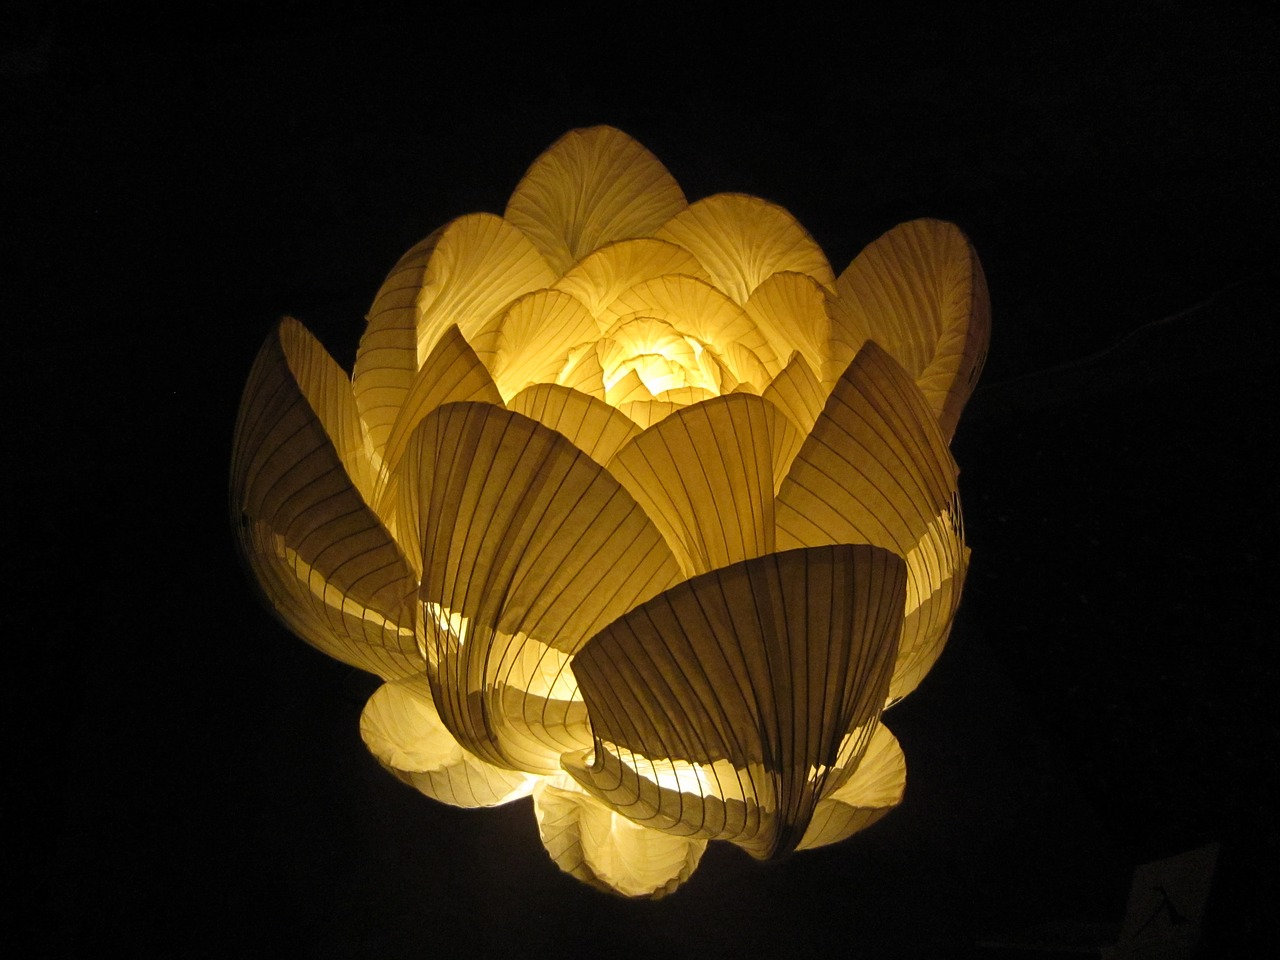 Lampade Di Carta Fai Da Te.Lampade Di Carta Arredare Con Le Luci In Stile Giapponese